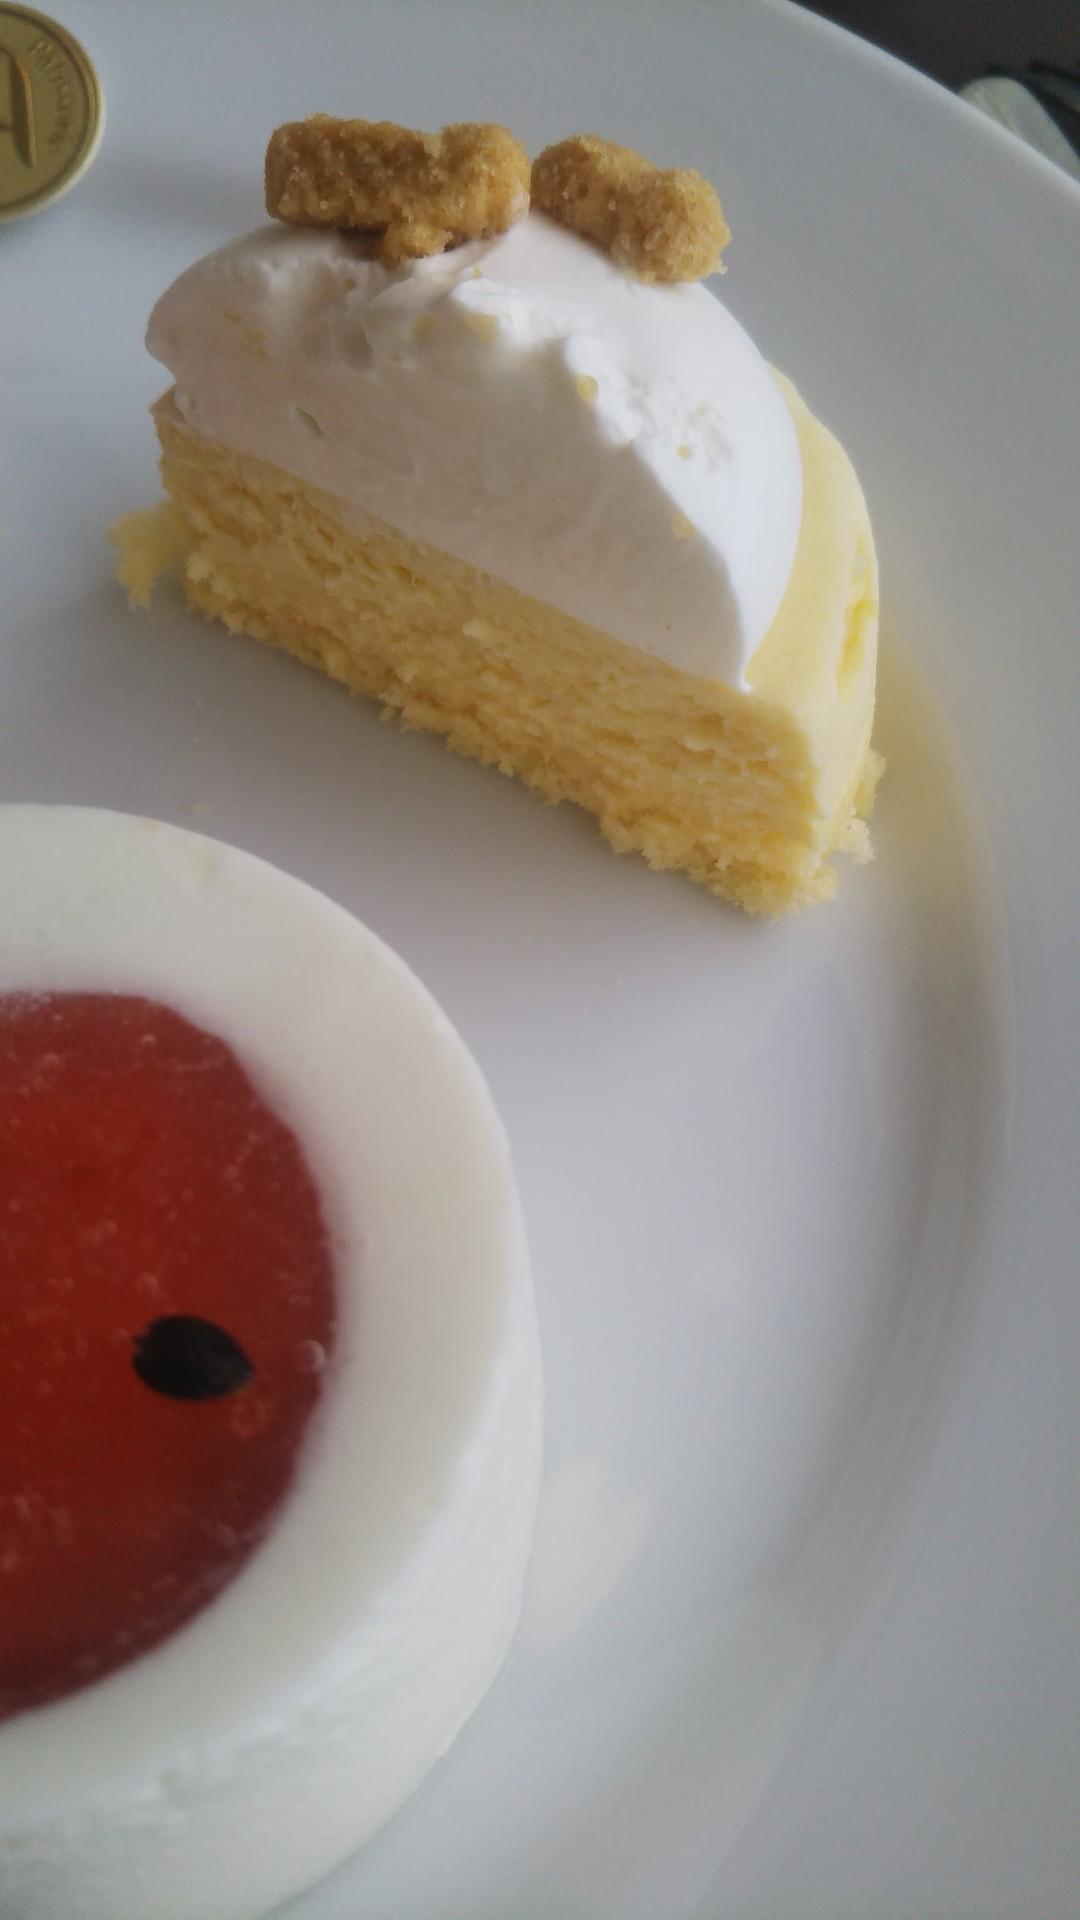 シャトレーゼ ガトーキングダムサッポロ ヴィーニュ Dessert Buffet~夏のべジスイーツフェア~_f0076001_23463229.jpg